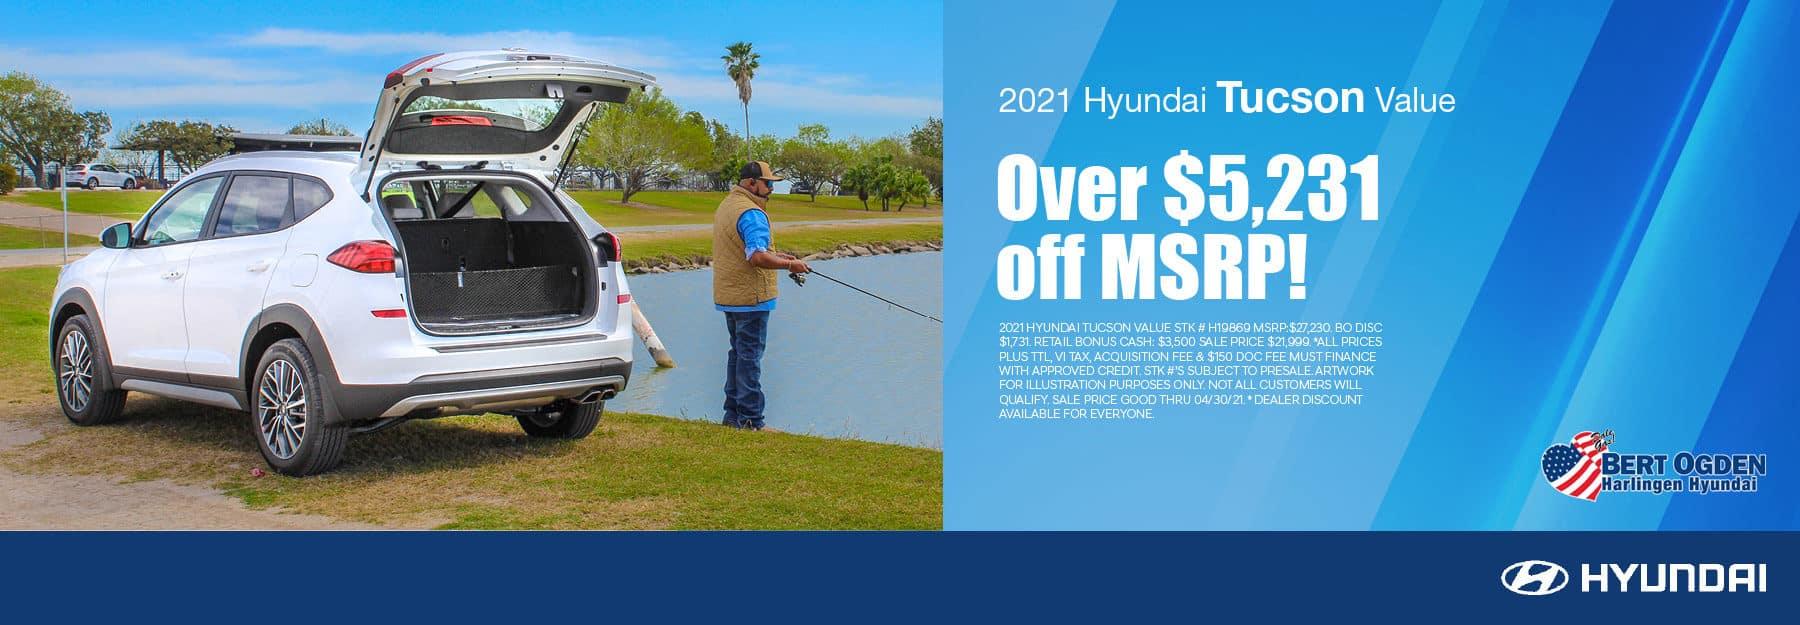 2021 Hyundai Tucson Value Offer - Bert Ogden Harlingen Hyundai in Harlingen, Texas